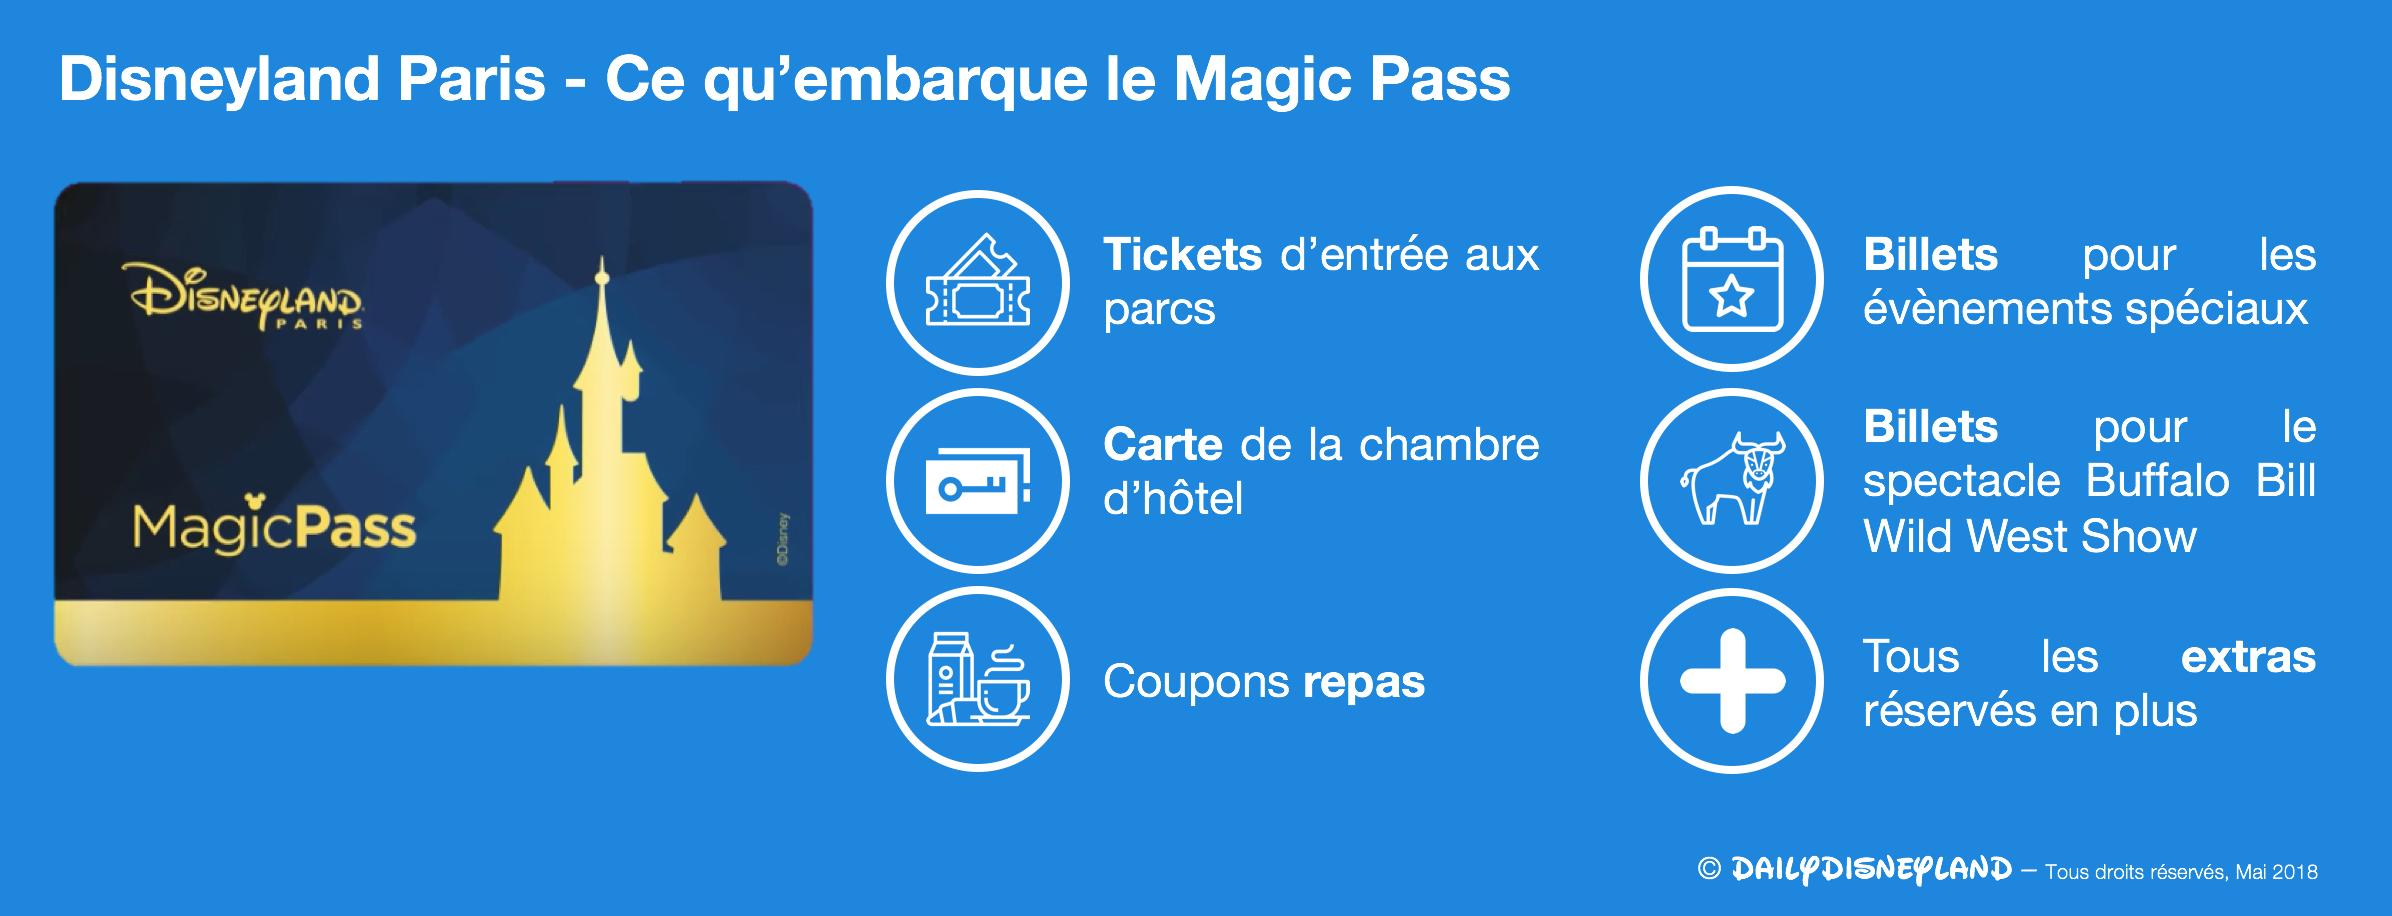 magic pass disneyland paris fonctionnalites